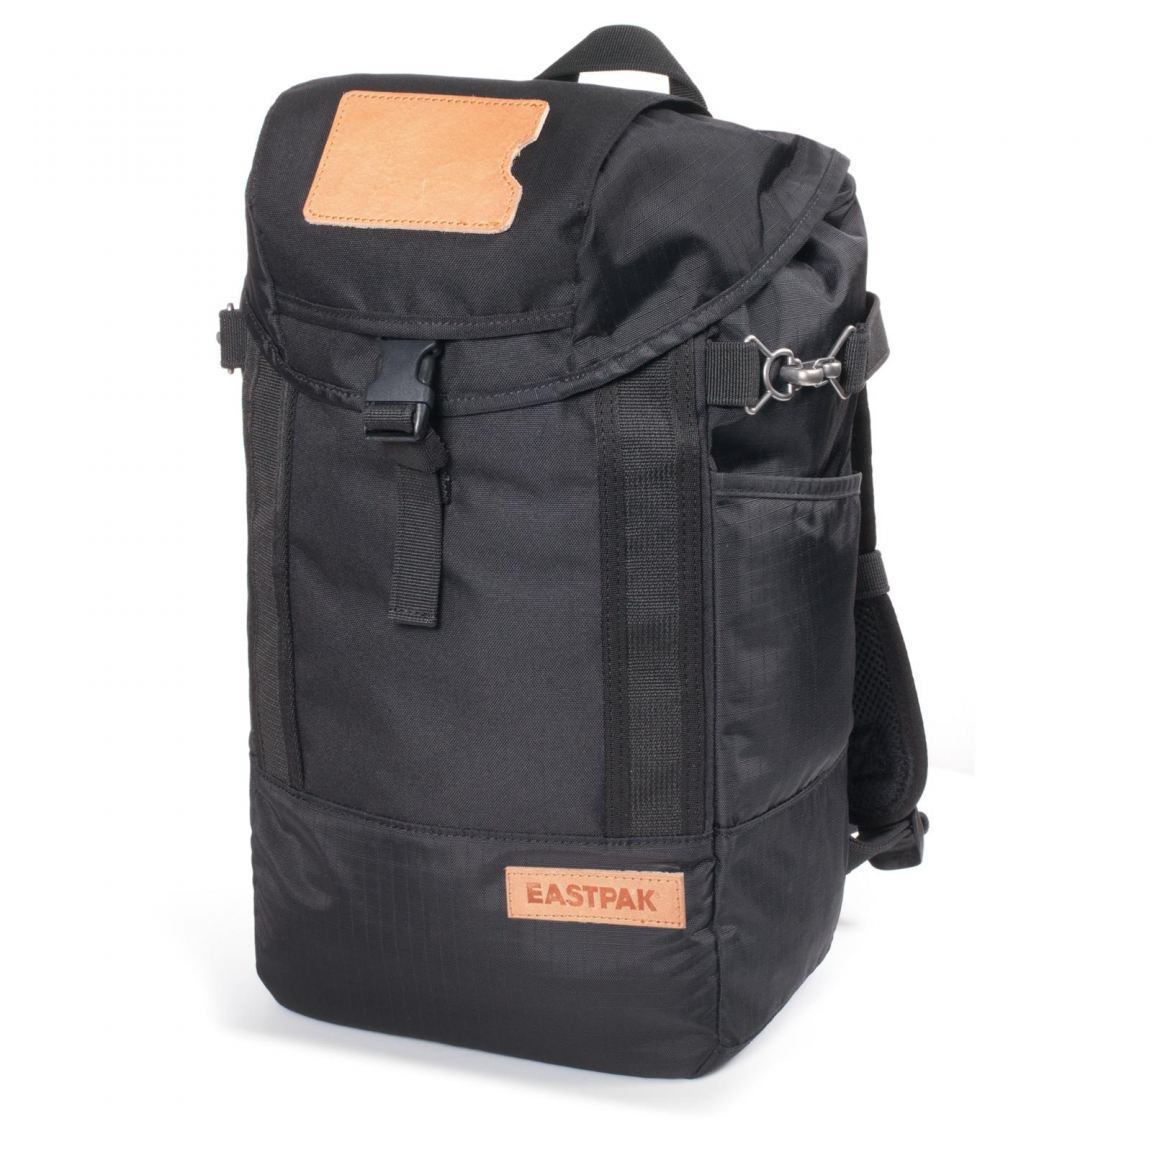 rucksack eastpak fluster schwarz bags more. Black Bedroom Furniture Sets. Home Design Ideas